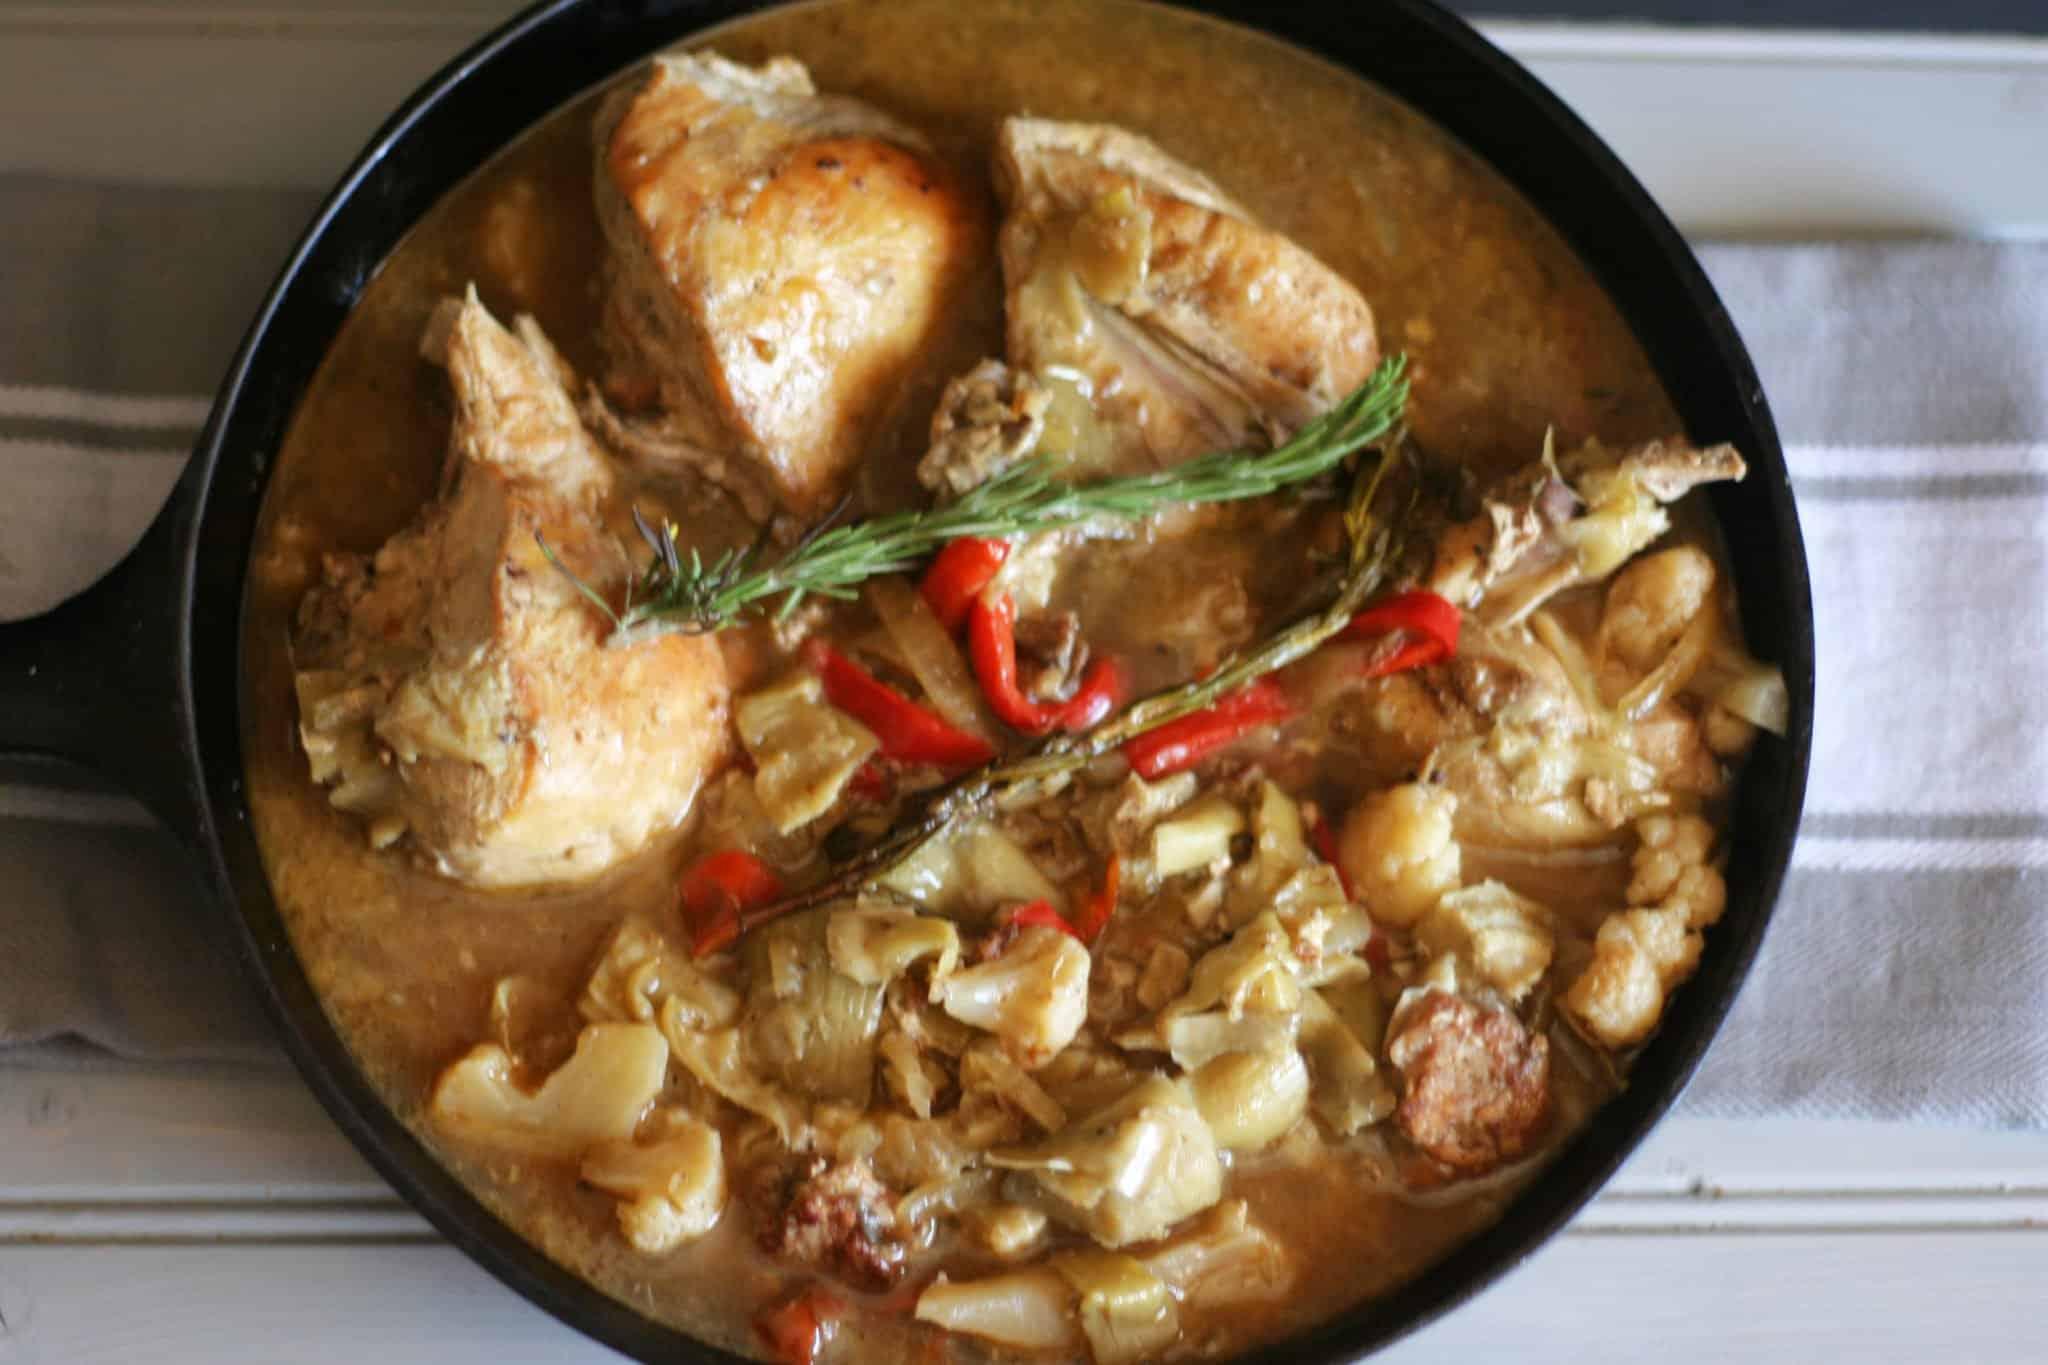 chicken scarpariello with cauliflower and artichokes